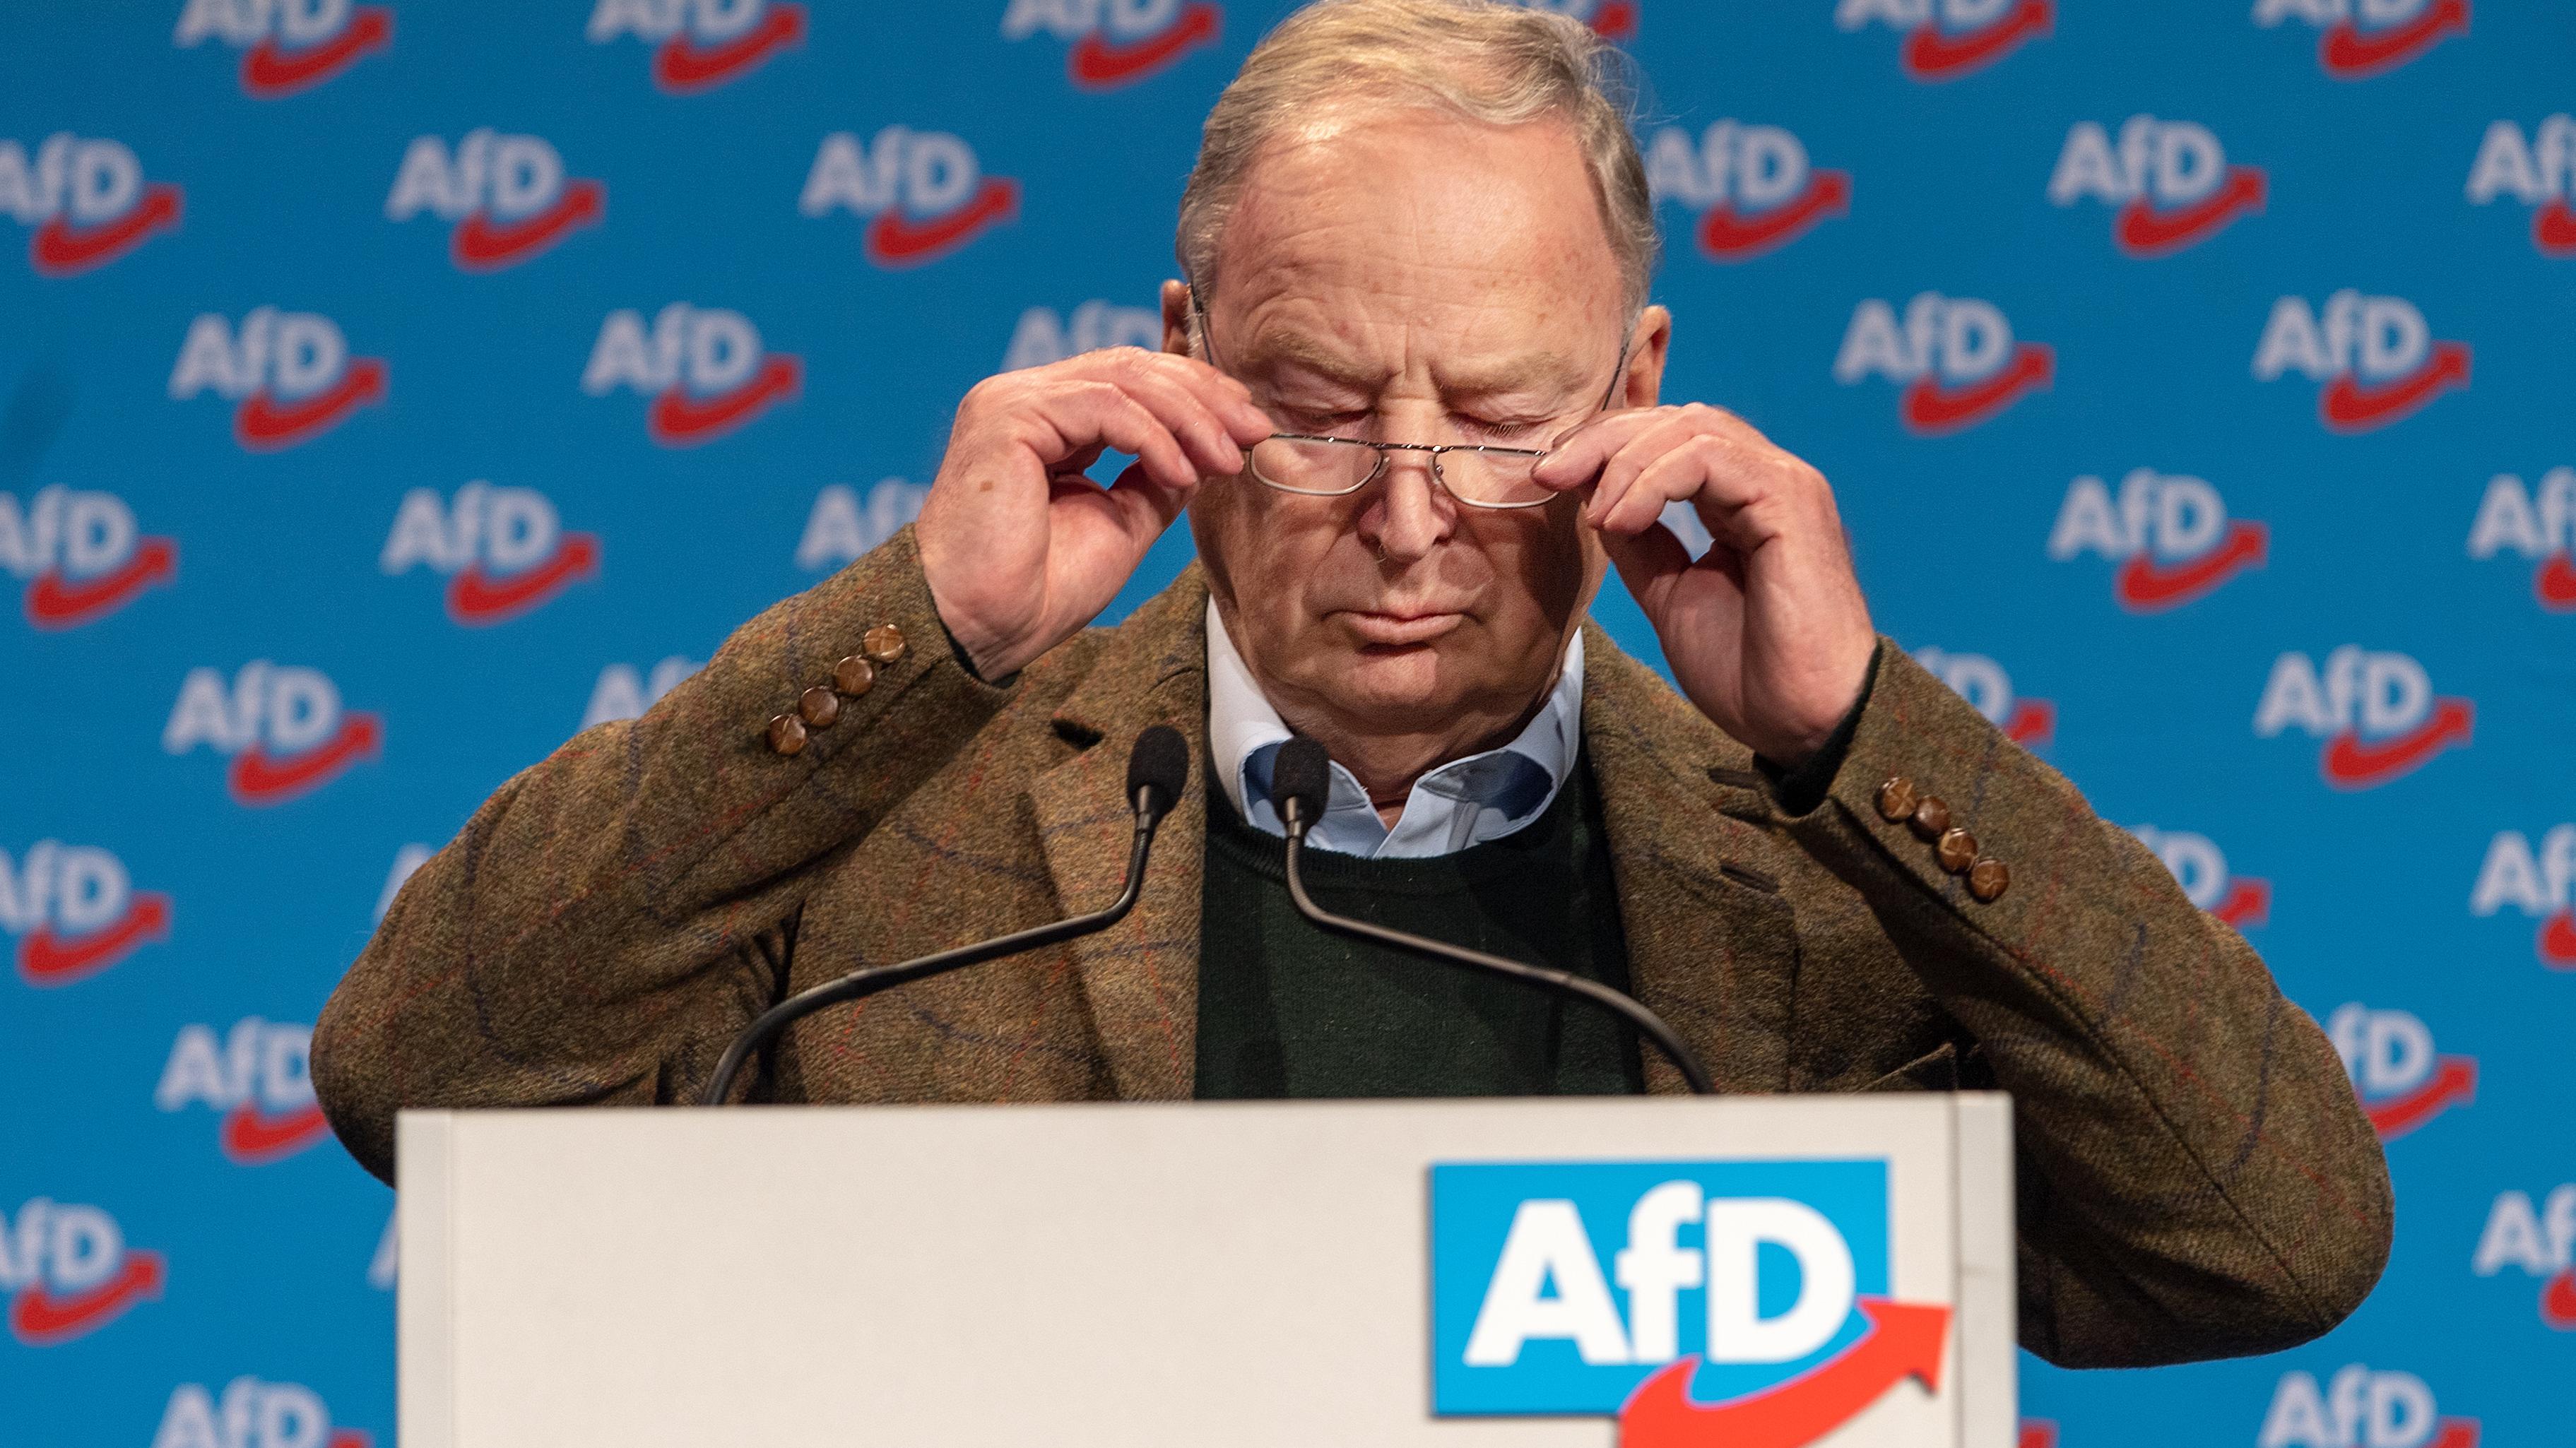 Alexander Gauland, Fraktionsvorsitzender der AfD im Bundestag und AfD Bundessprecher